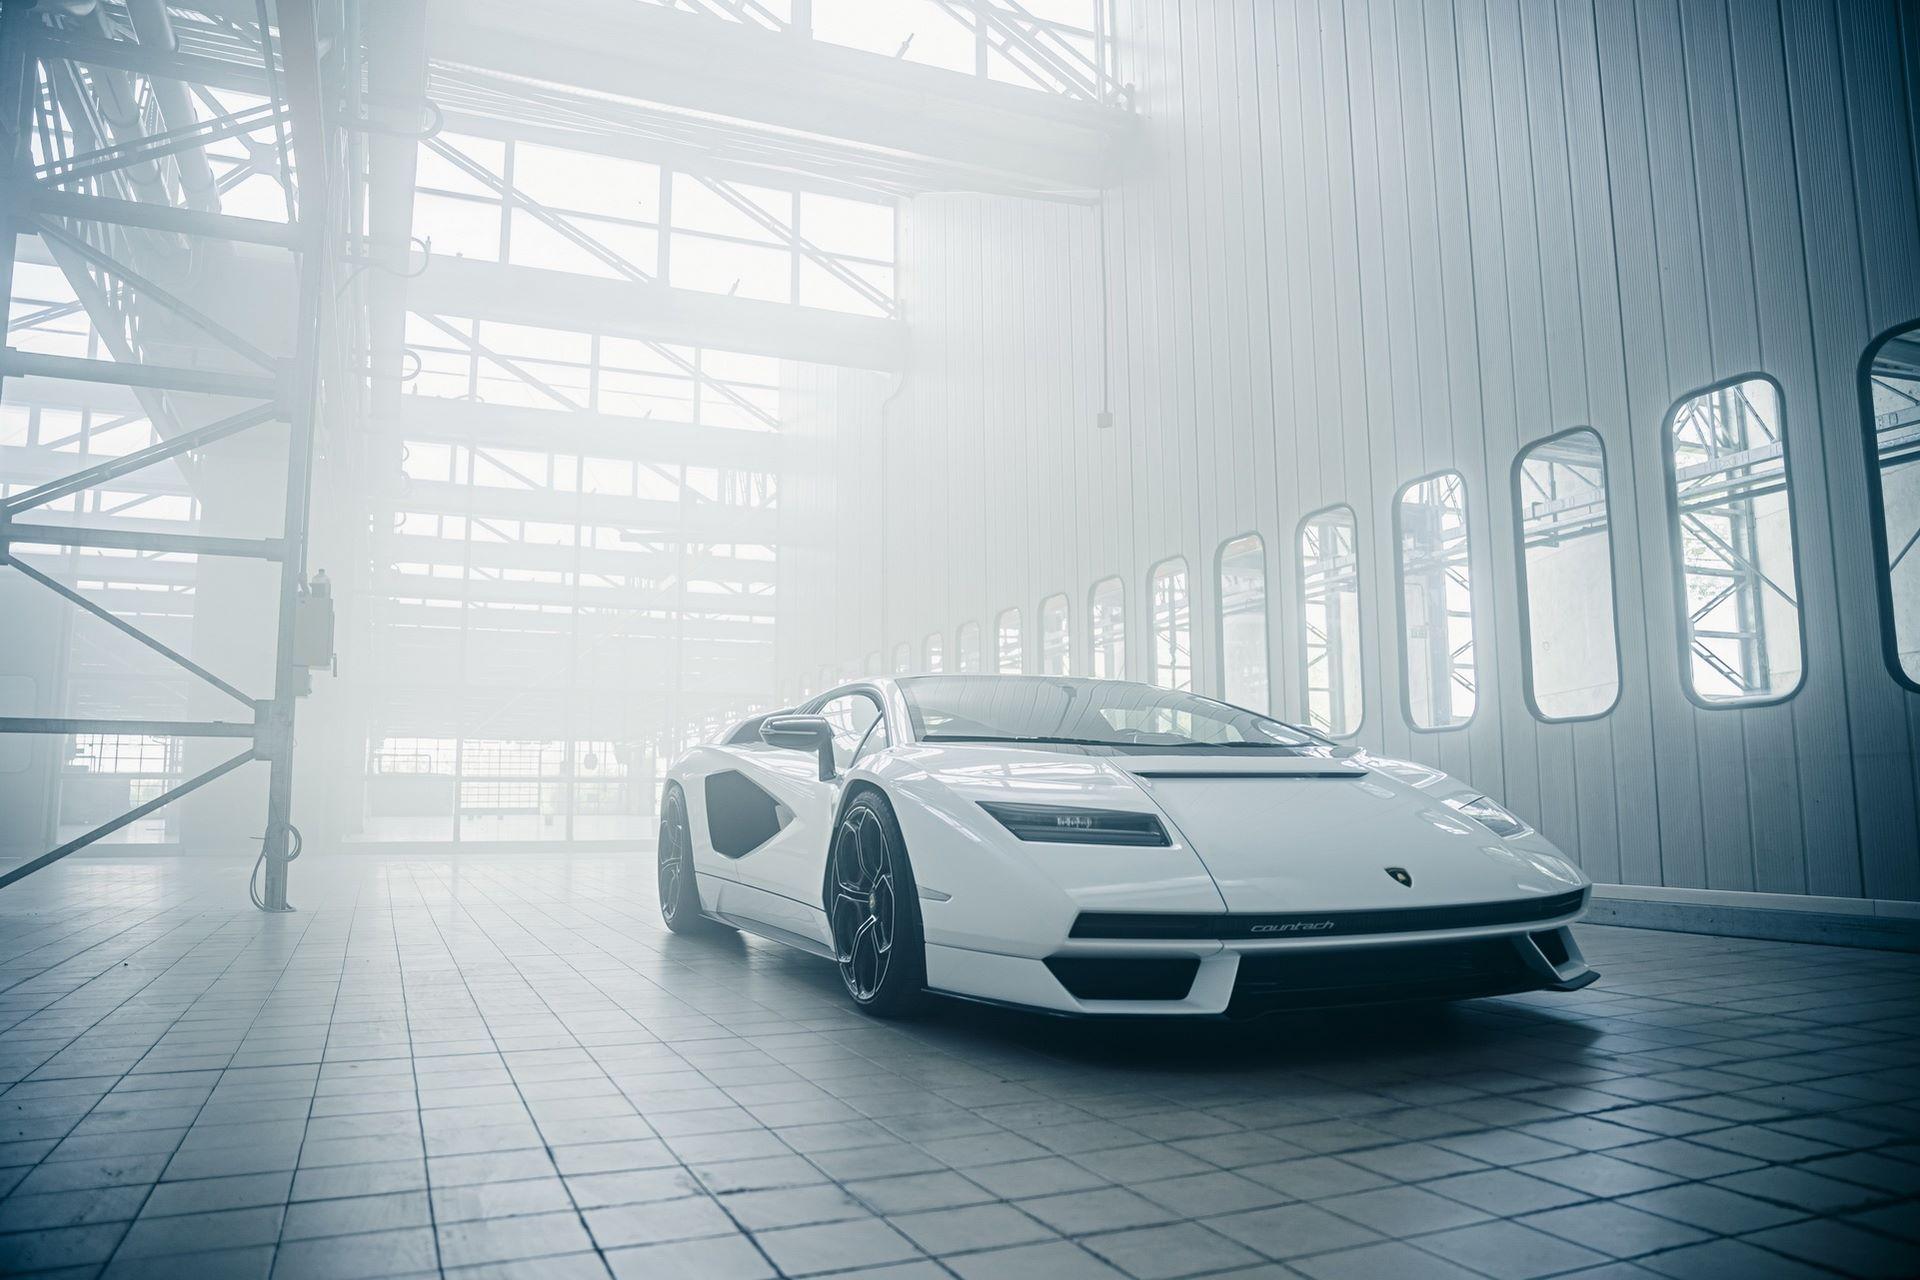 Lamborghini-Countach-LPI-800-4-51